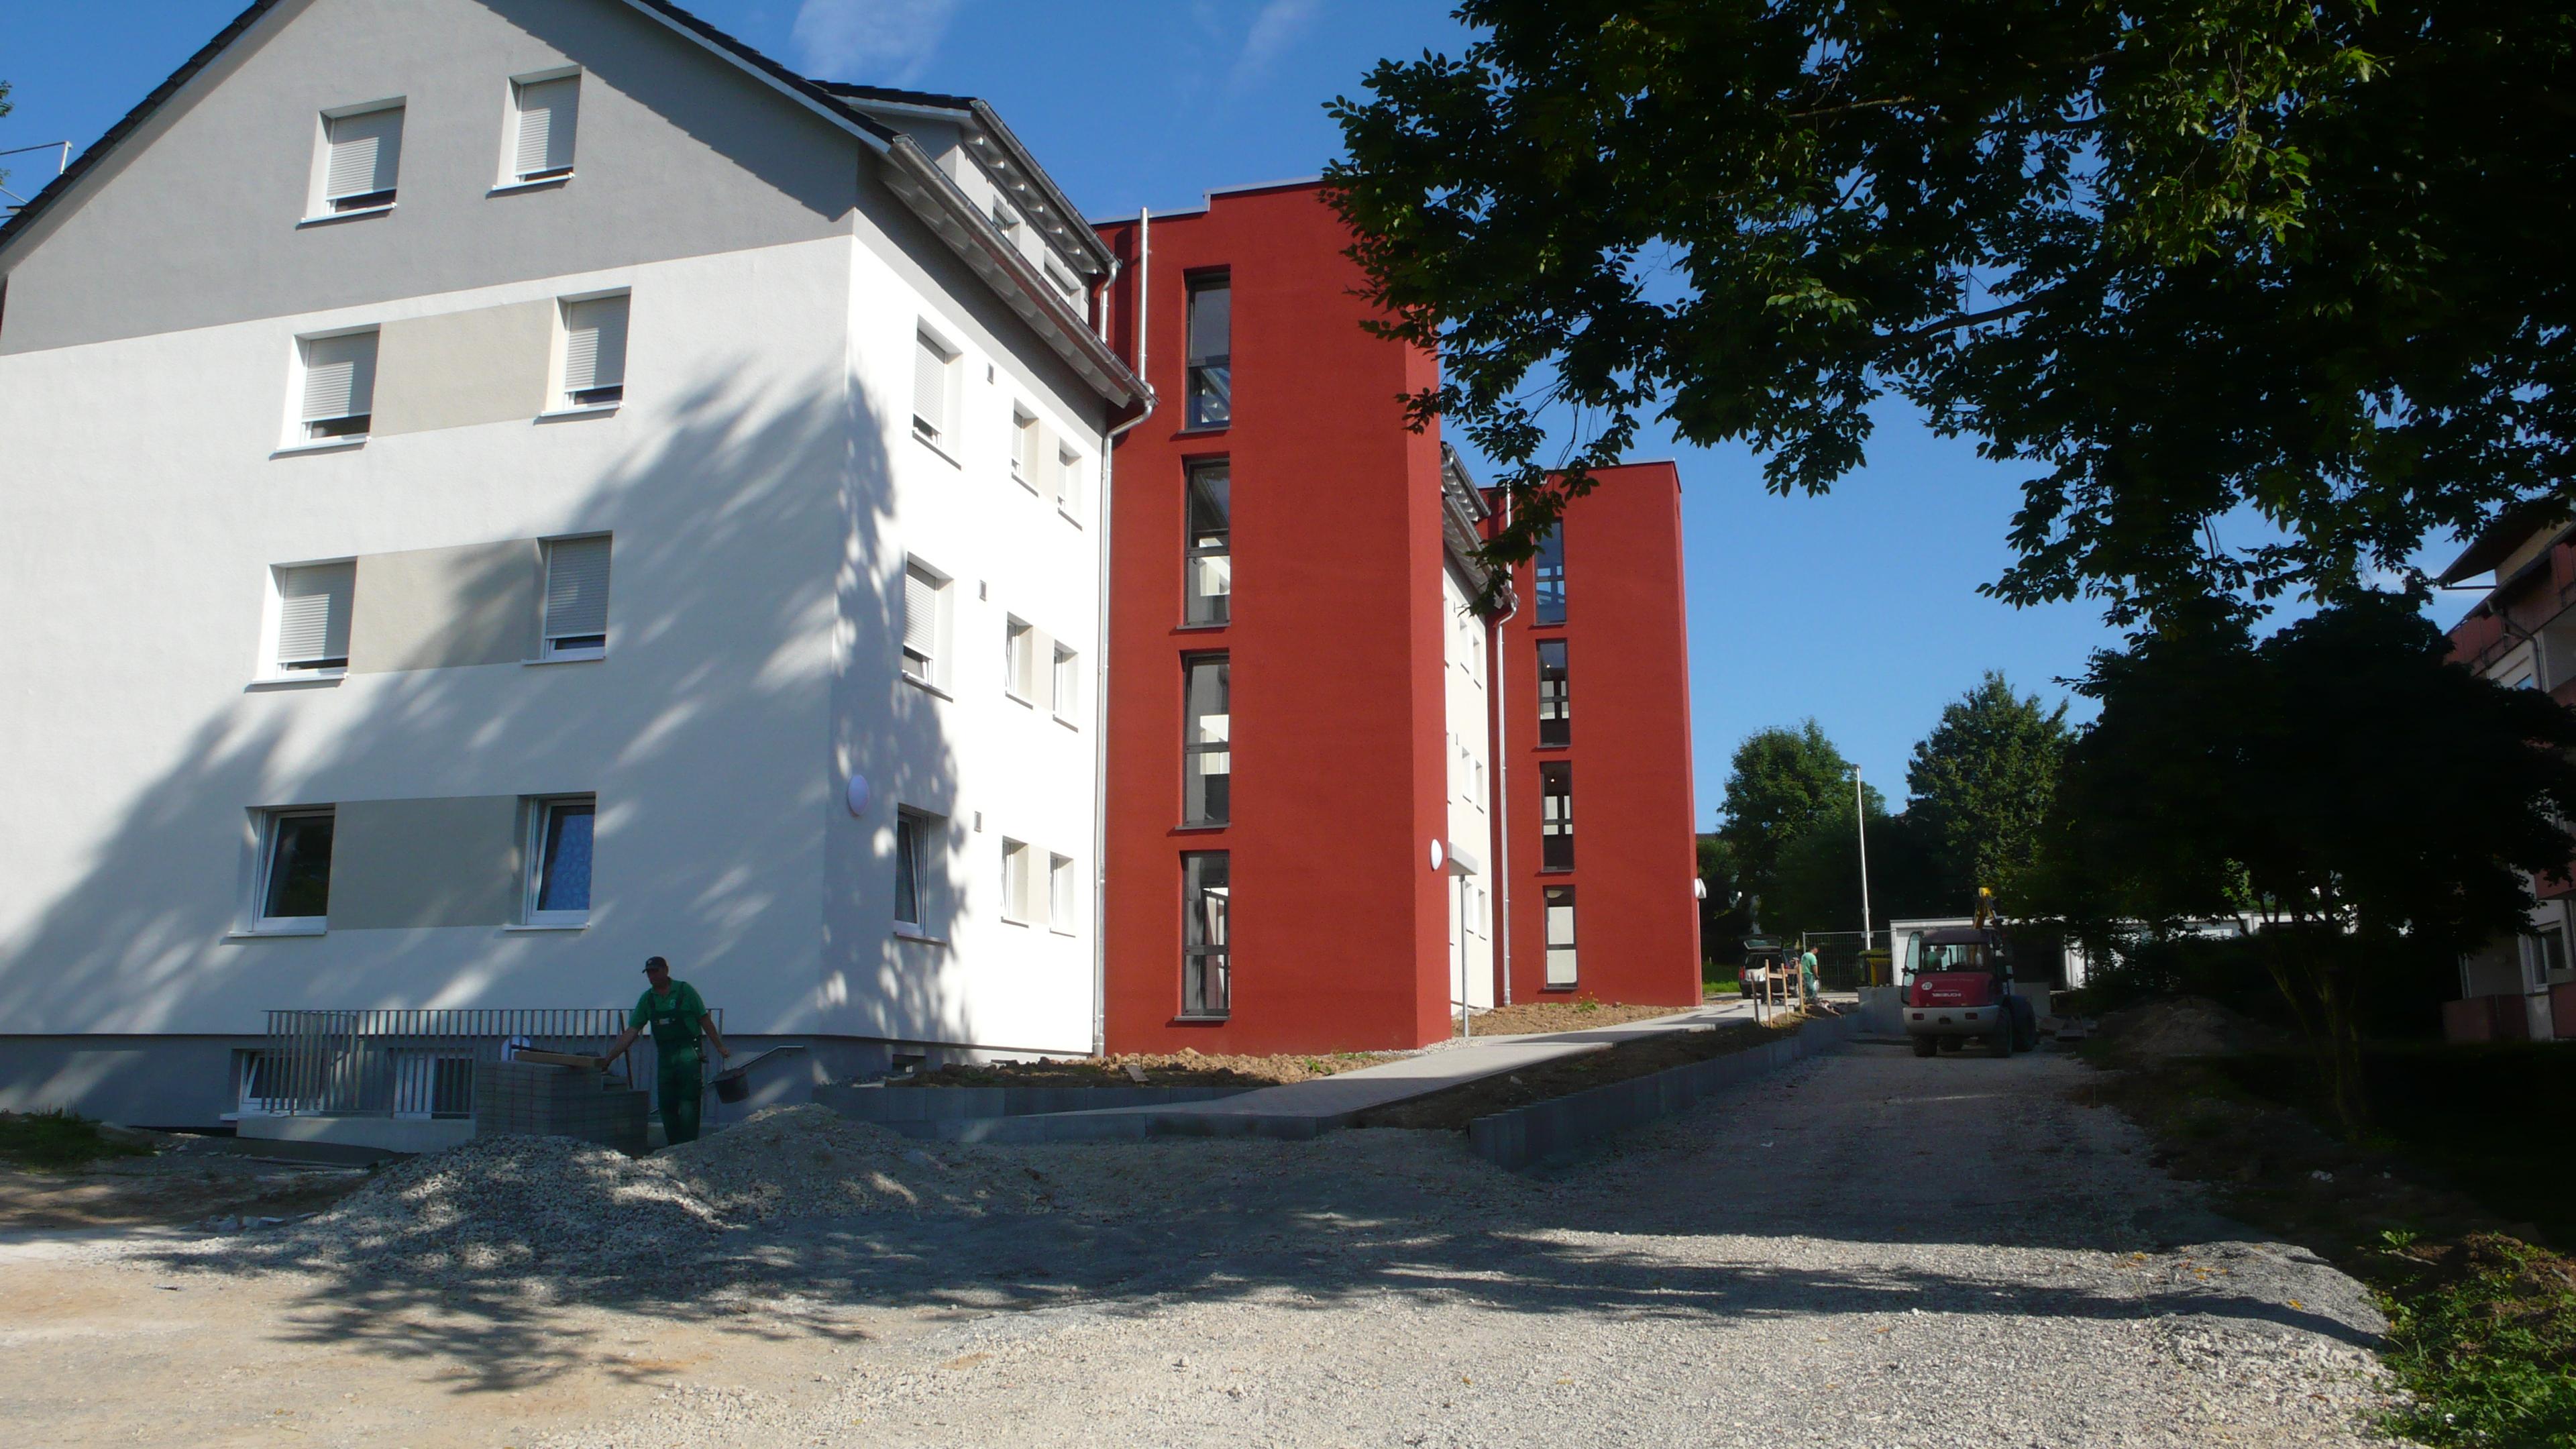 P1030678 - Alle BGW-Häuser